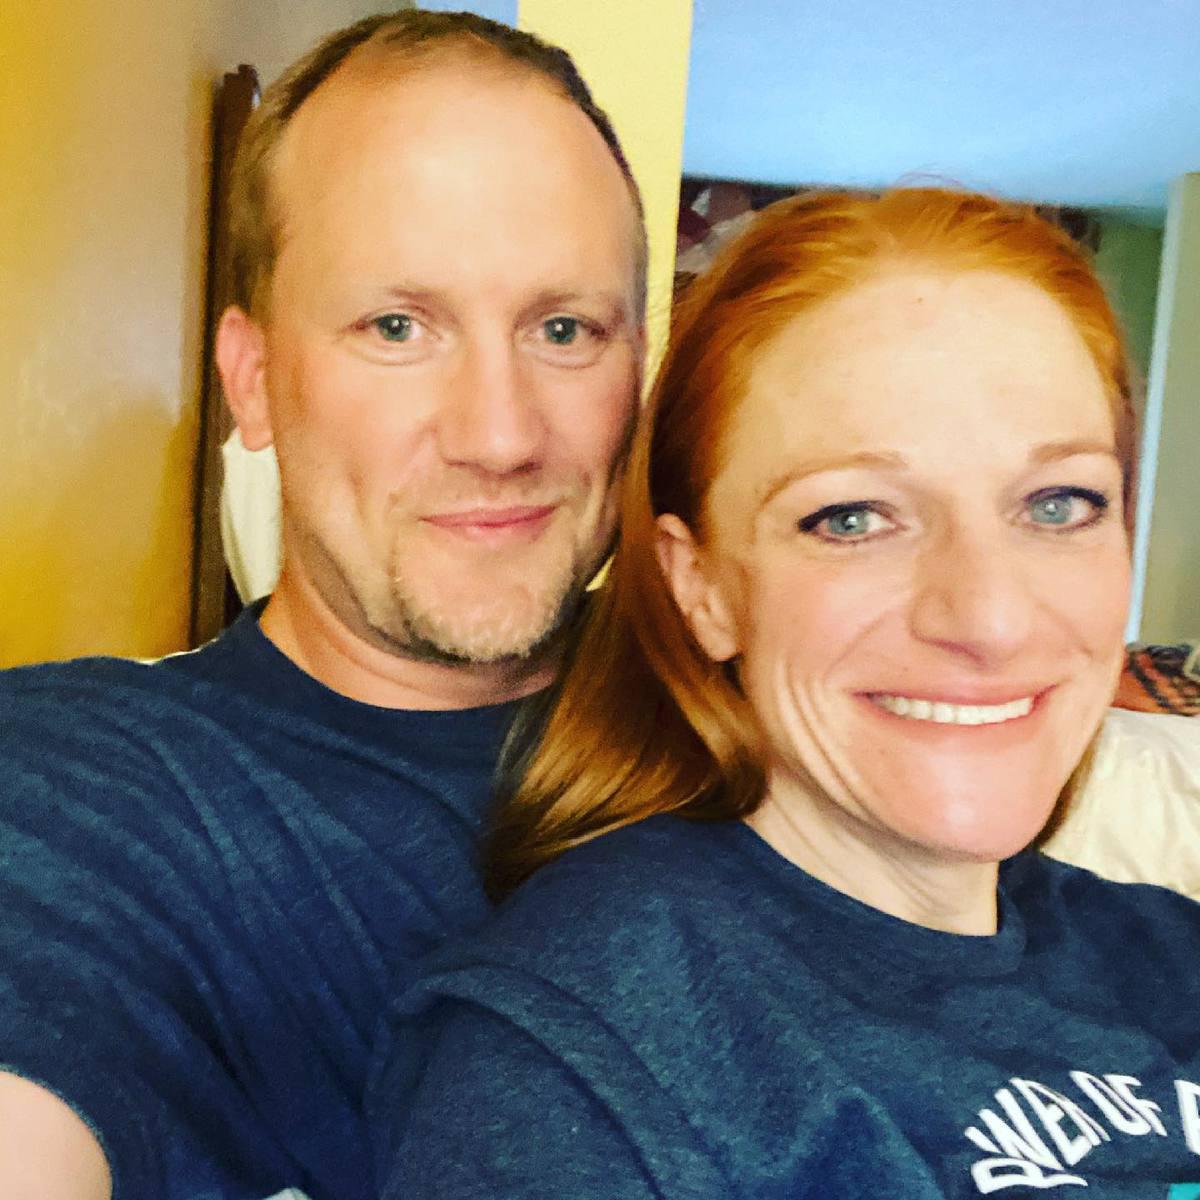 Супруги из Нью-Йорка — 40-летняя Алисия Догерти и 42-летний Джошуа пытались зачать ребенка в течение девяти лет.